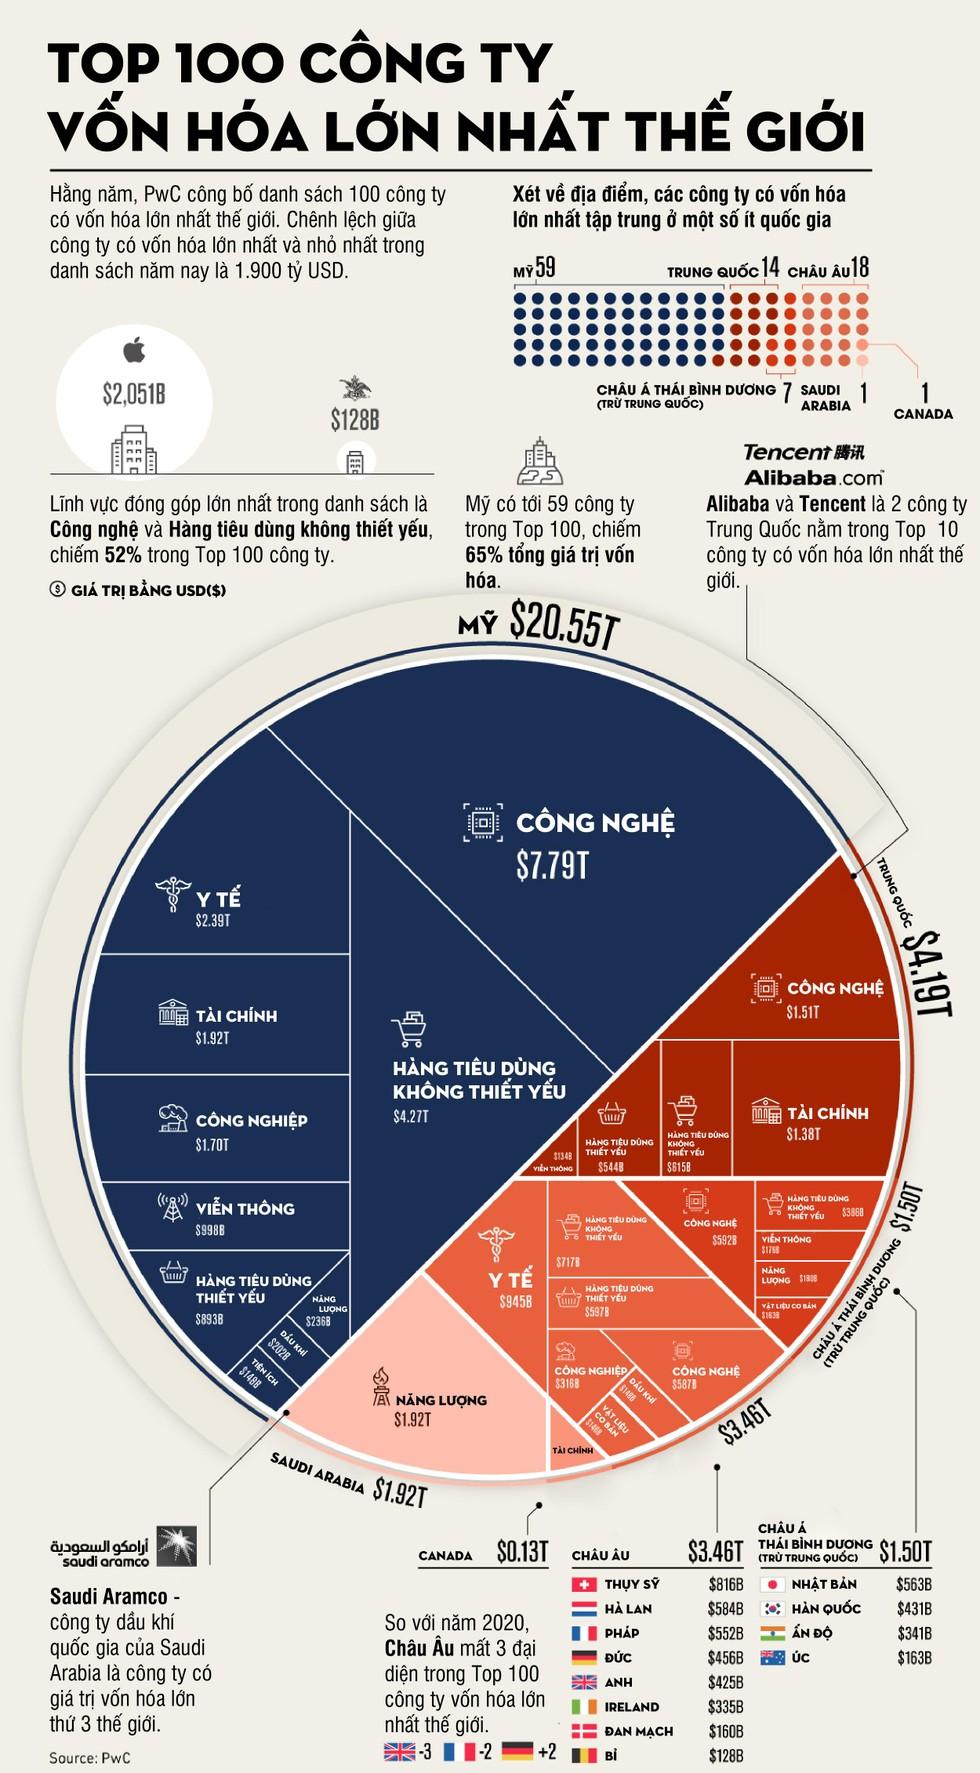 [Infographic] Top 100 công ty vốn hóa lớn nhất thế giới ảnh 1